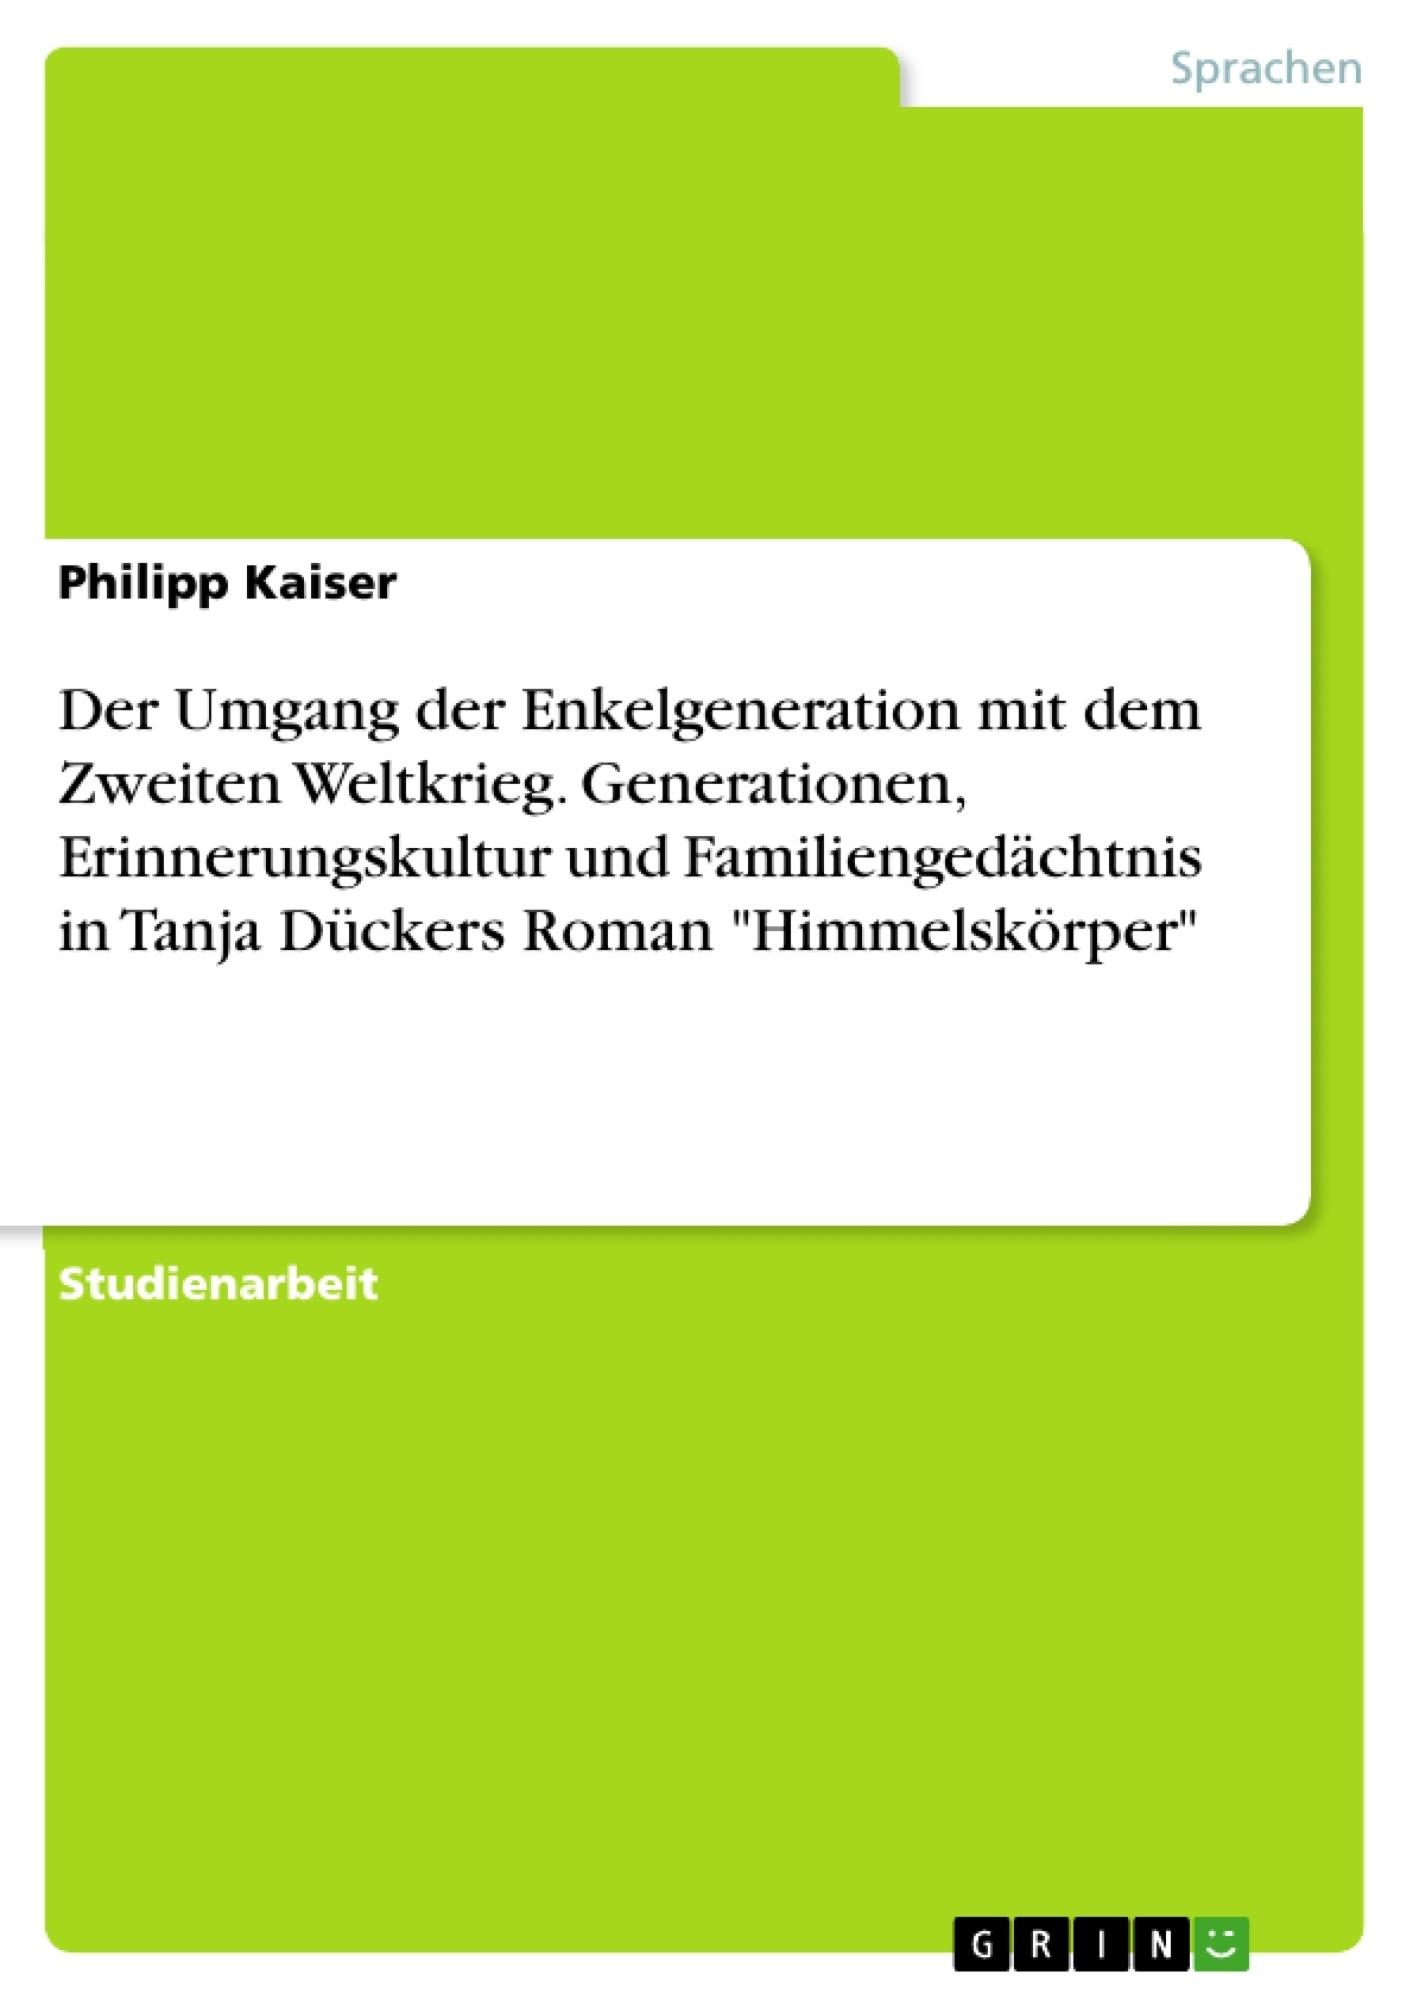 """Titel: Der Umgang der Enkelgeneration mit dem Zweiten Weltkrieg. Generationen, Erinnerungskultur und Familiengedächtnis in Tanja Dückers Roman """"Himmelskörper"""""""